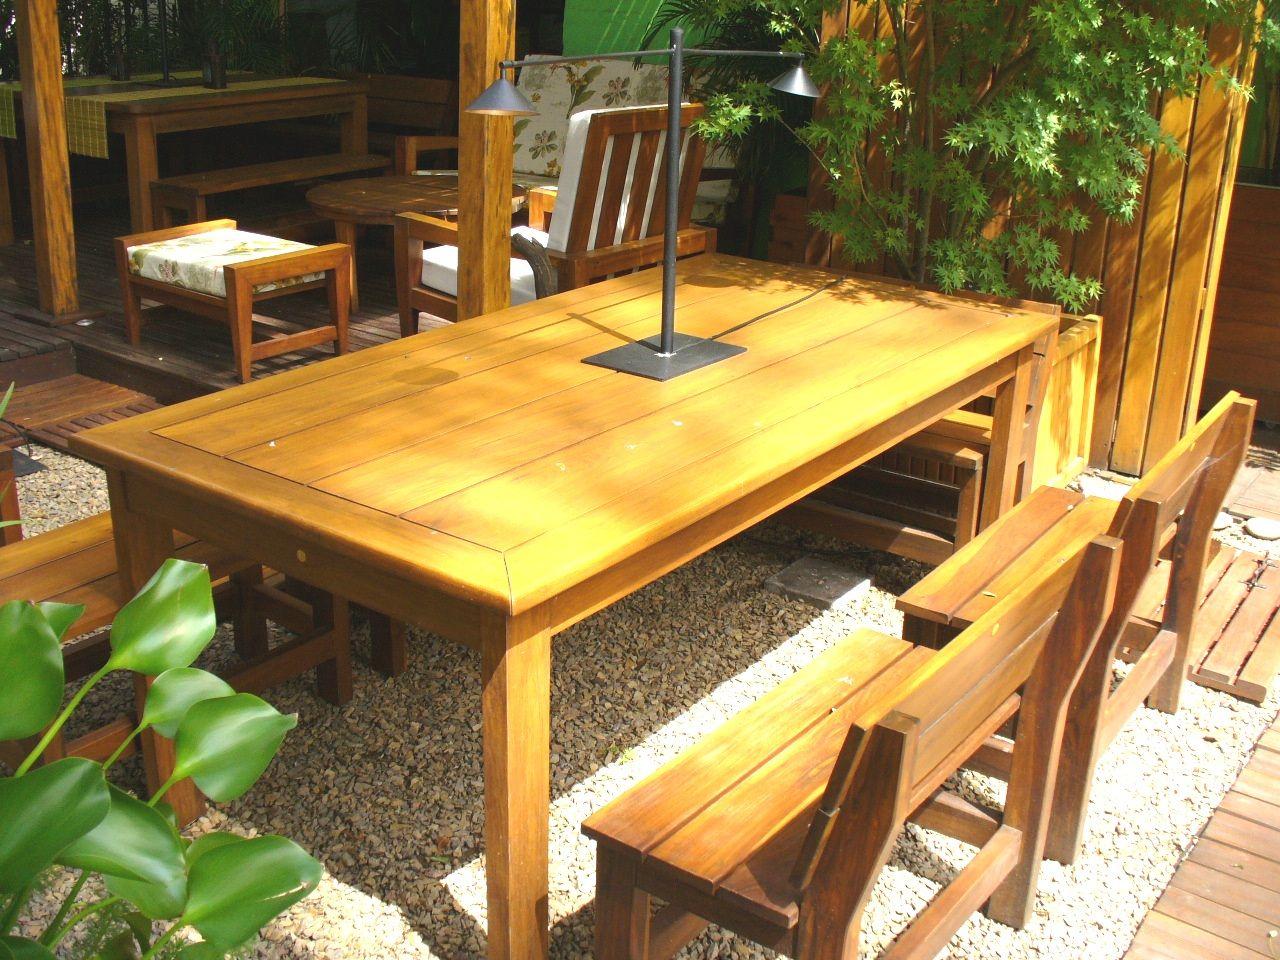 Mesa coleman nuestro cl sico y siempre vigente dise o for Mesas de madera para exterior